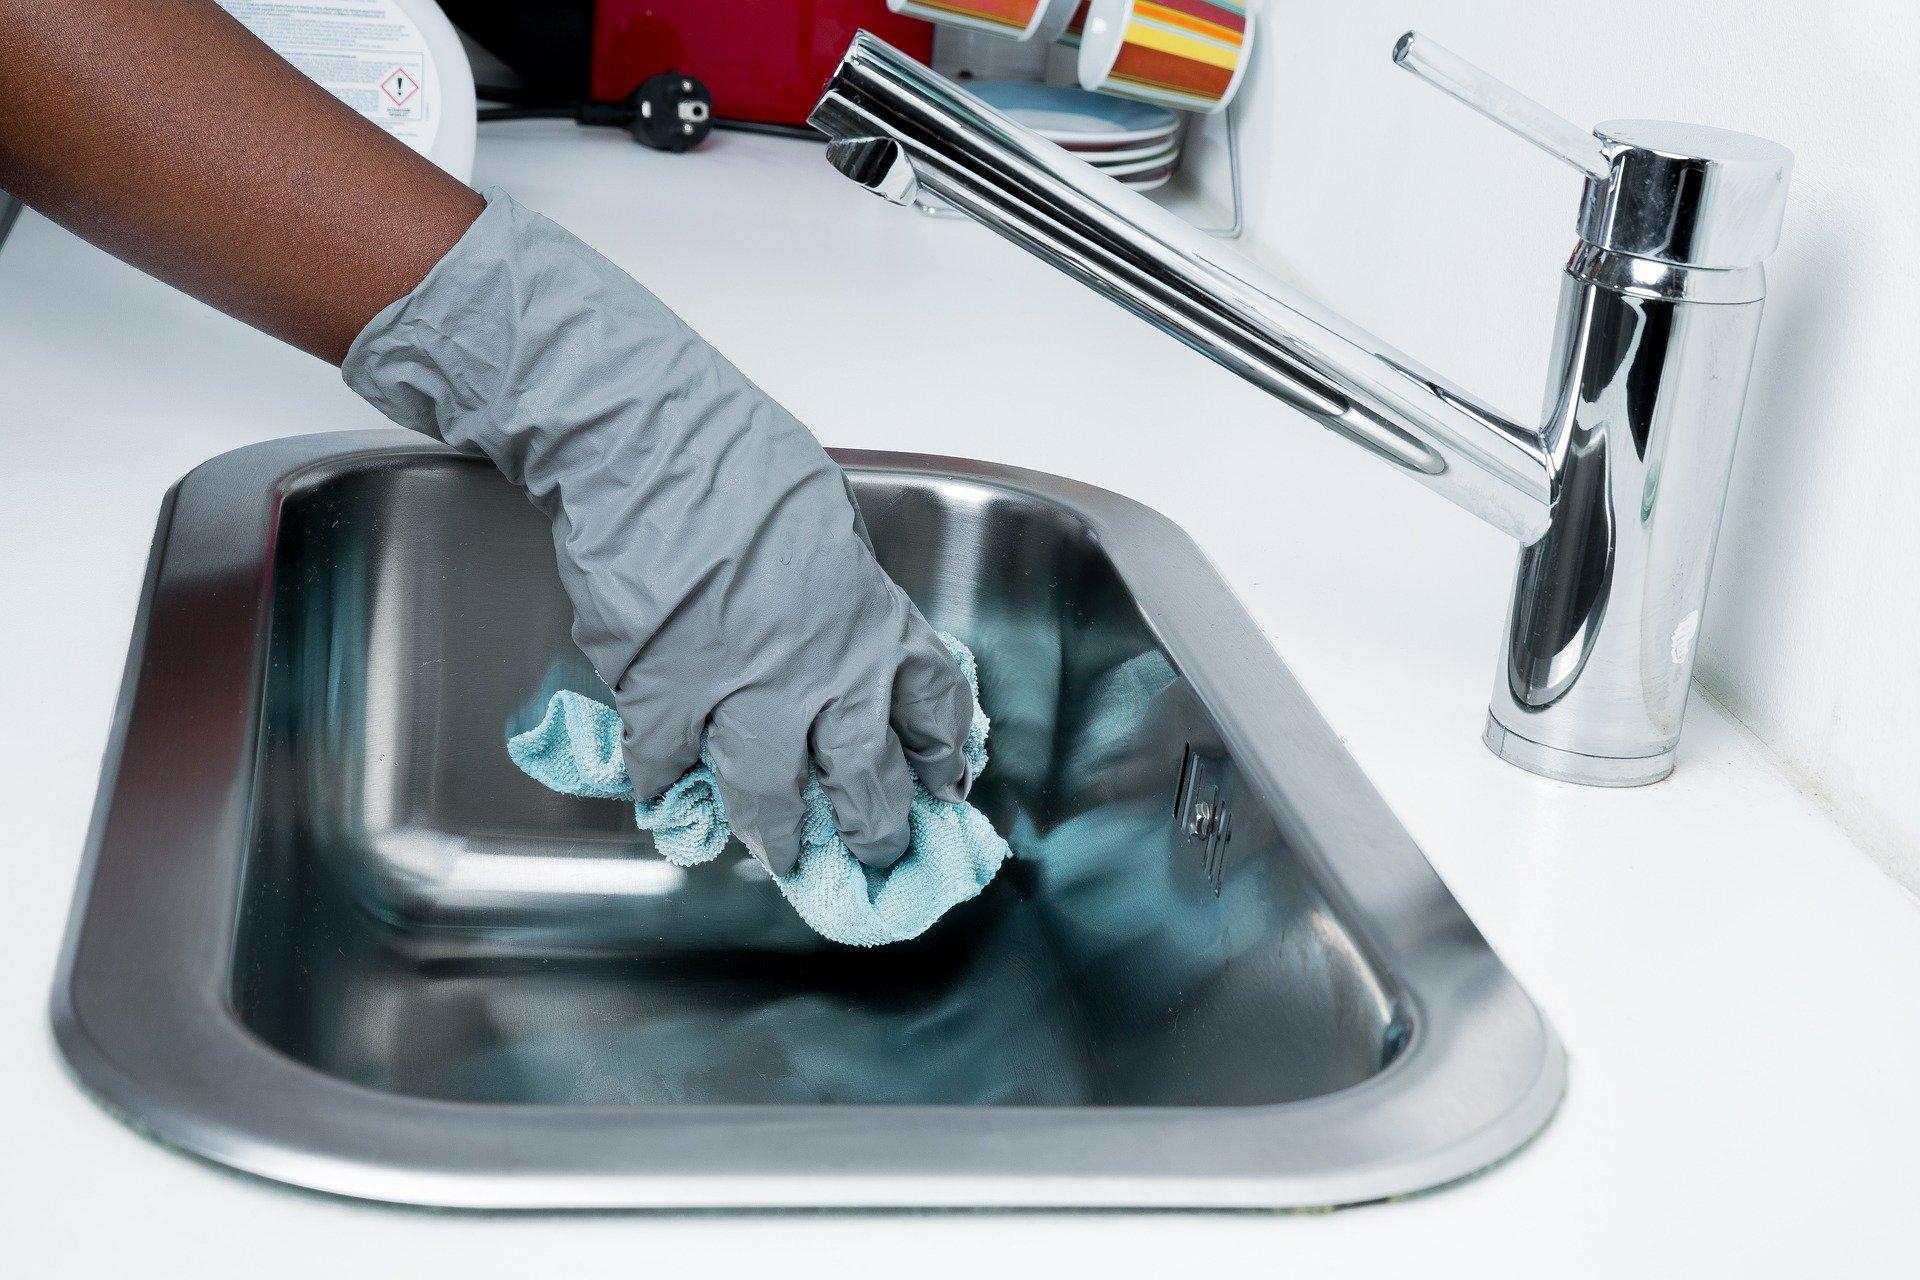 Você sabe a diferença entre limpar, desinfetar e esterilizar? Veja aqui!